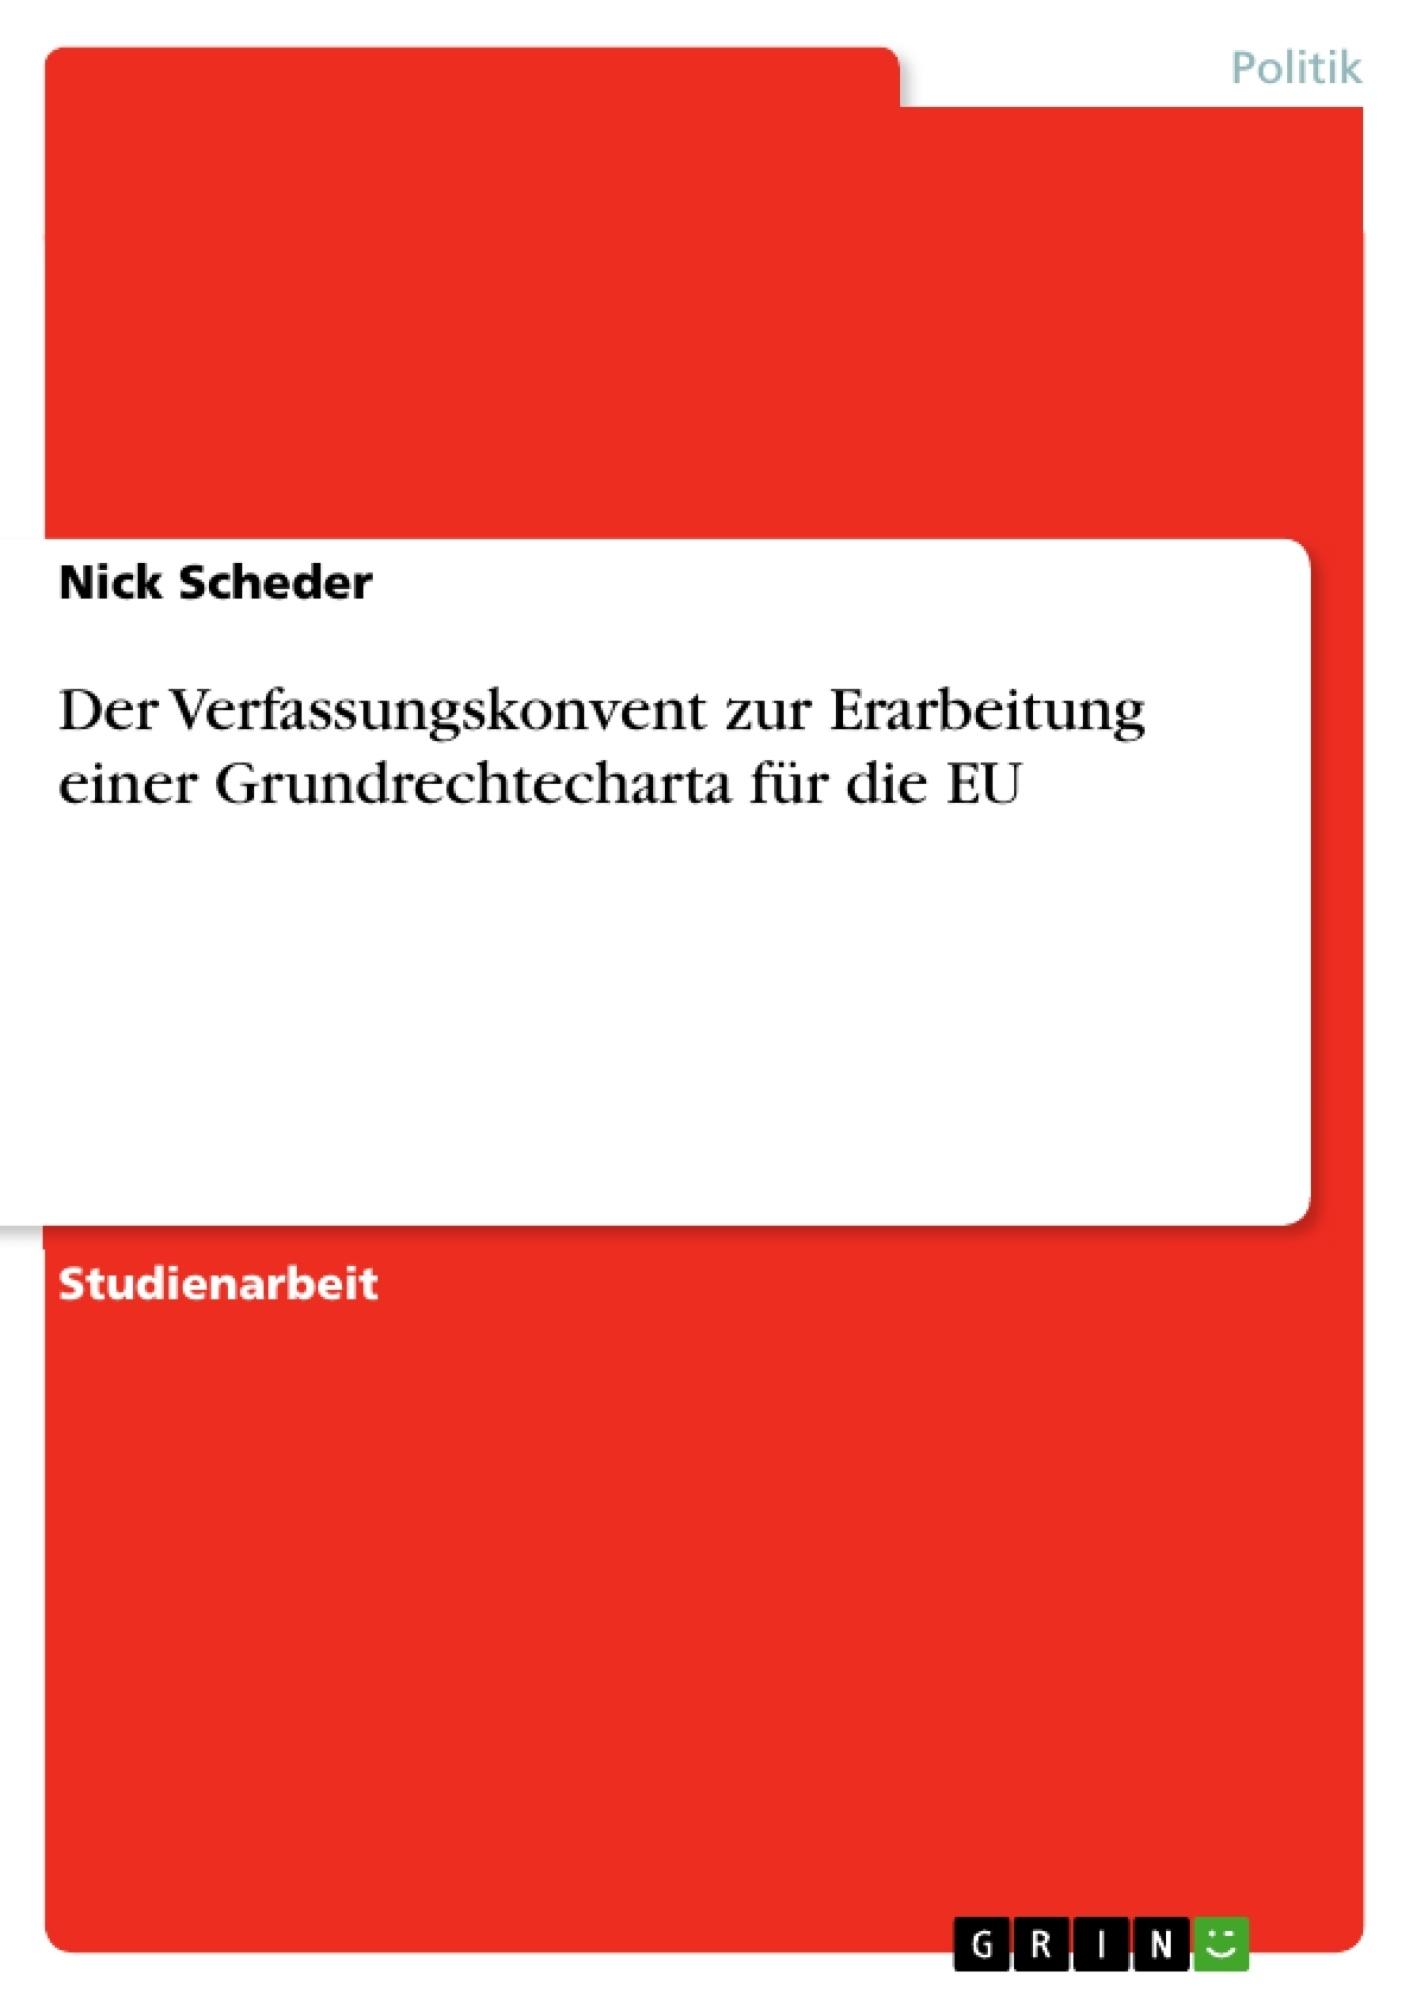 Titel: Der Verfassungskonvent zur Erarbeitung einer Grundrechtecharta für die EU